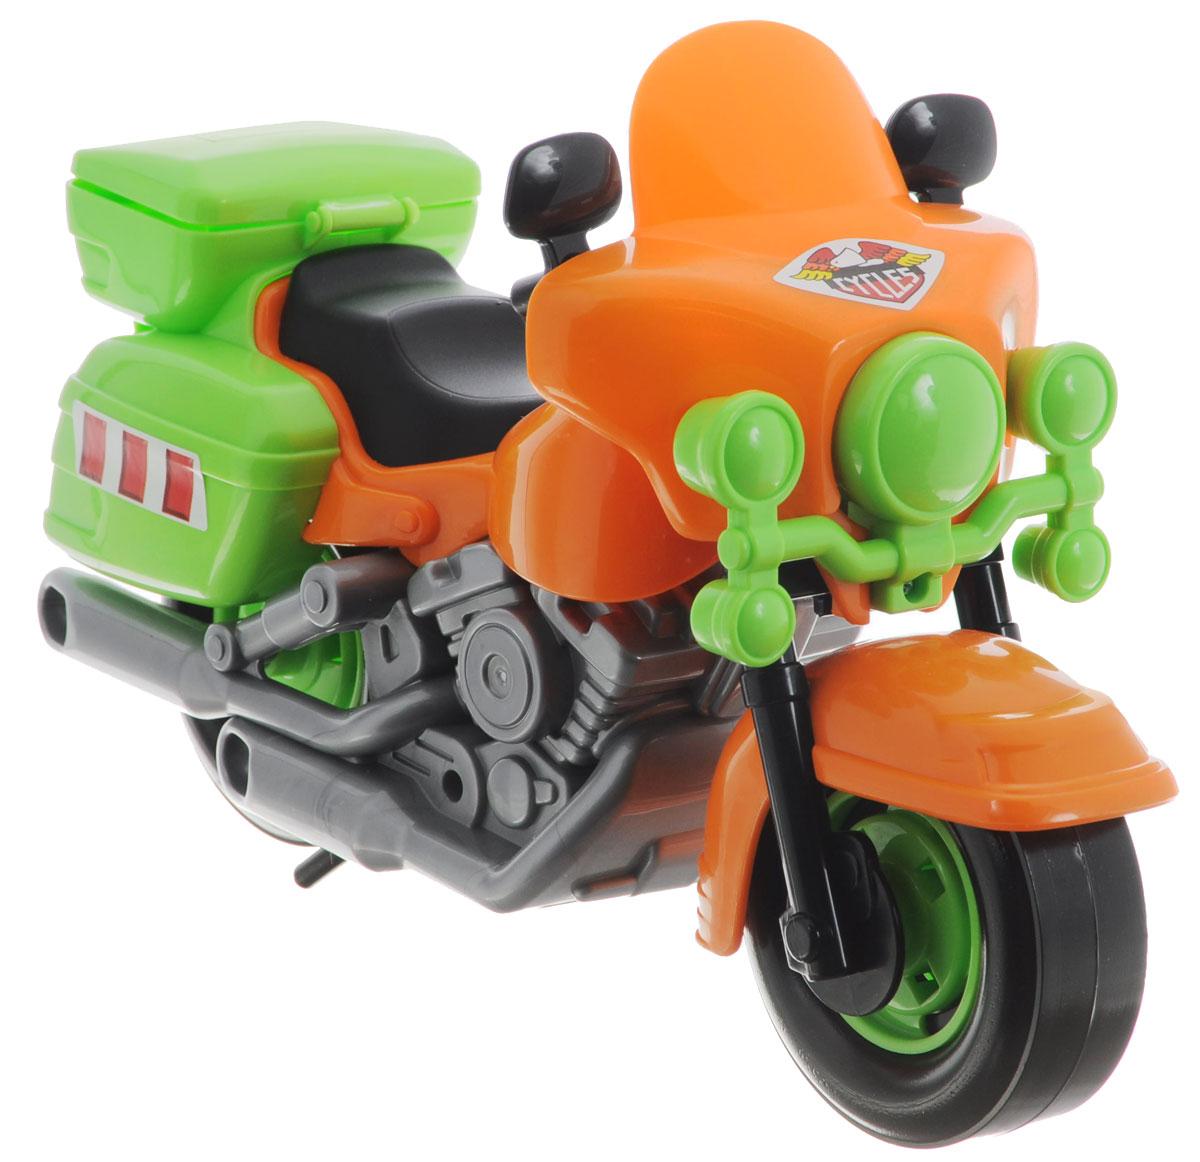 Полесье Полицейский мотоцикл Харлей цвет в ассортименте